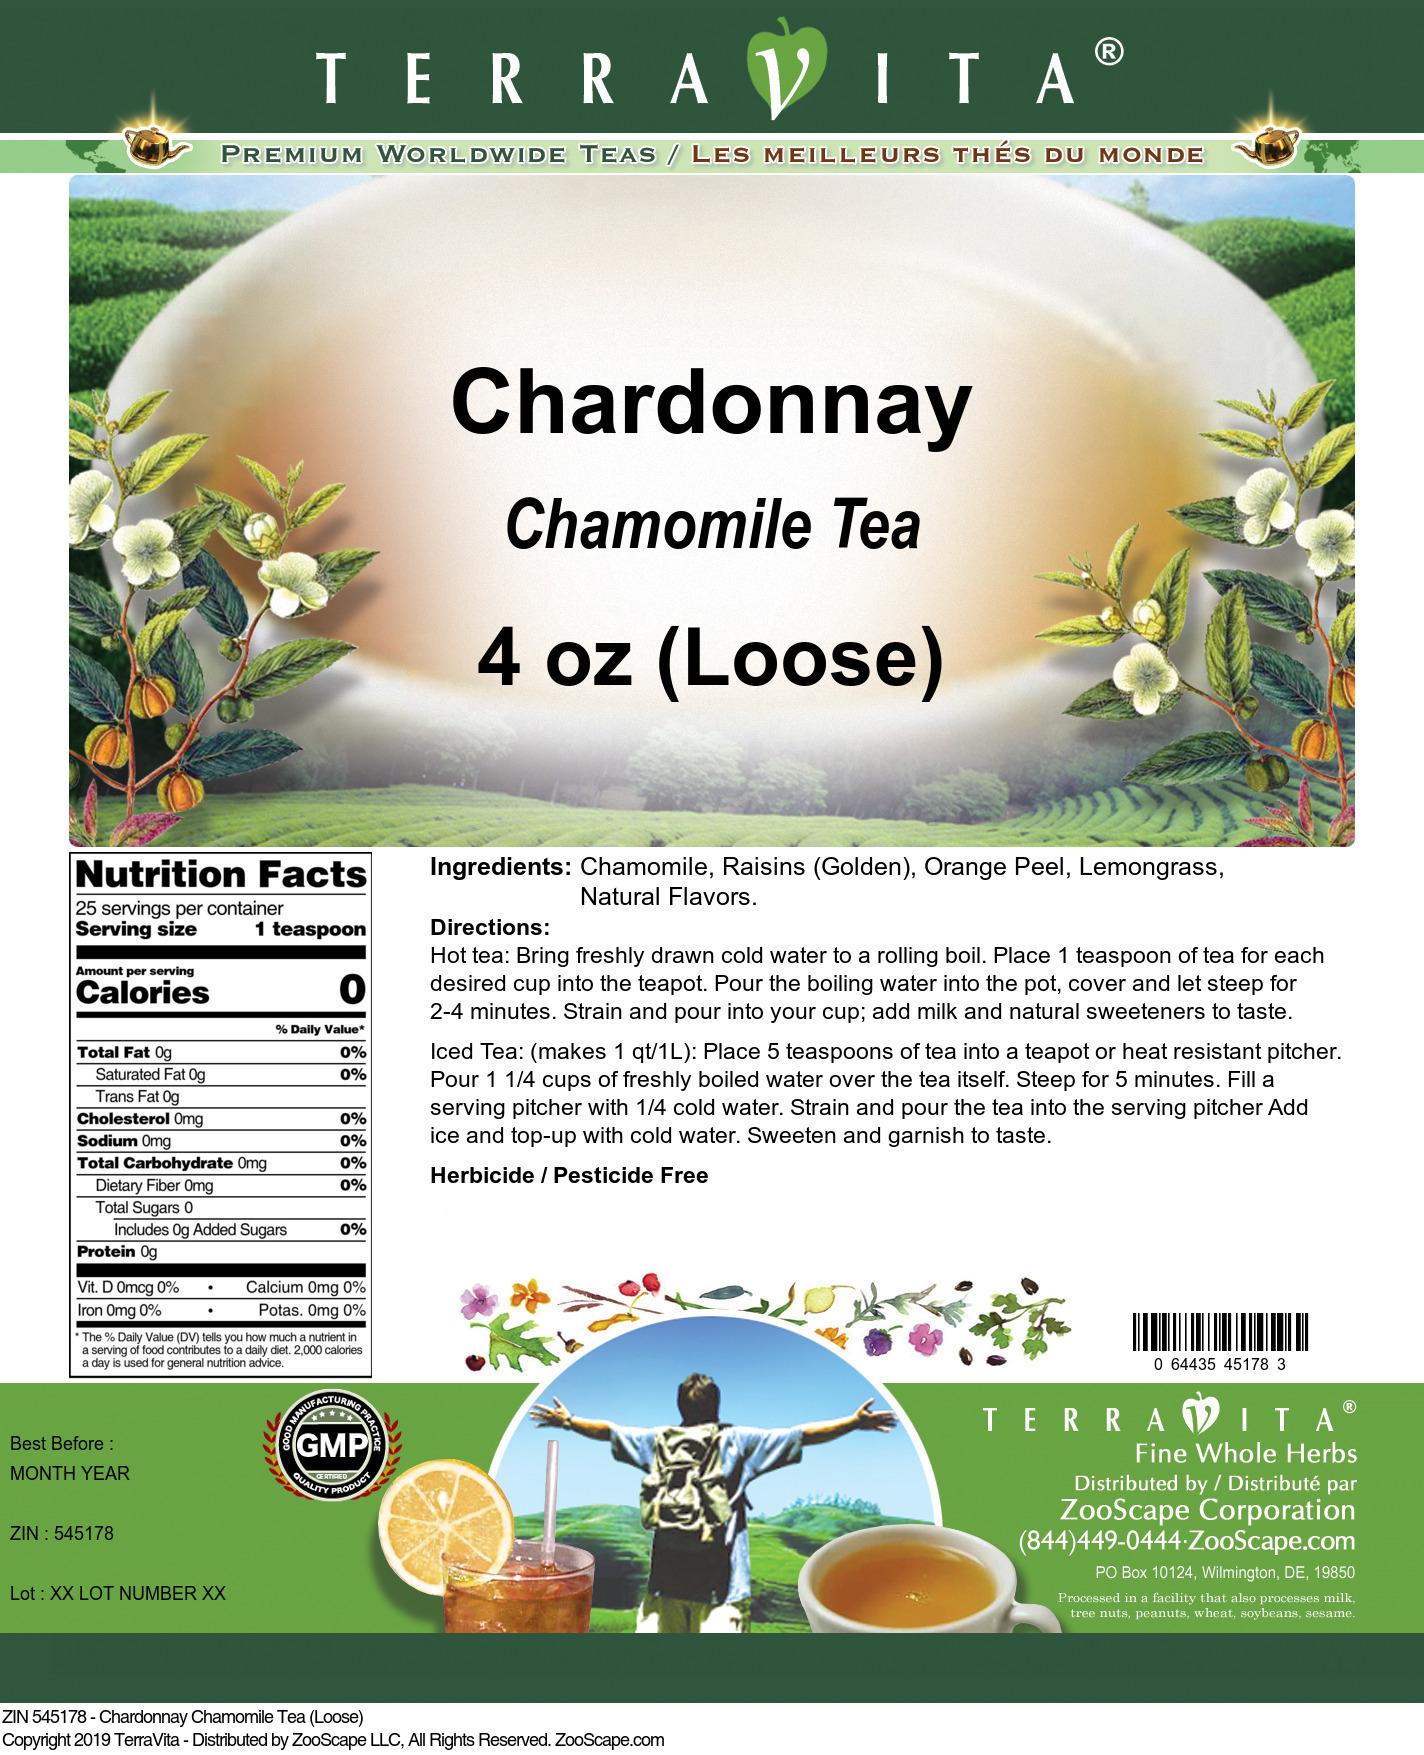 Chardonnay Chamomile Tea